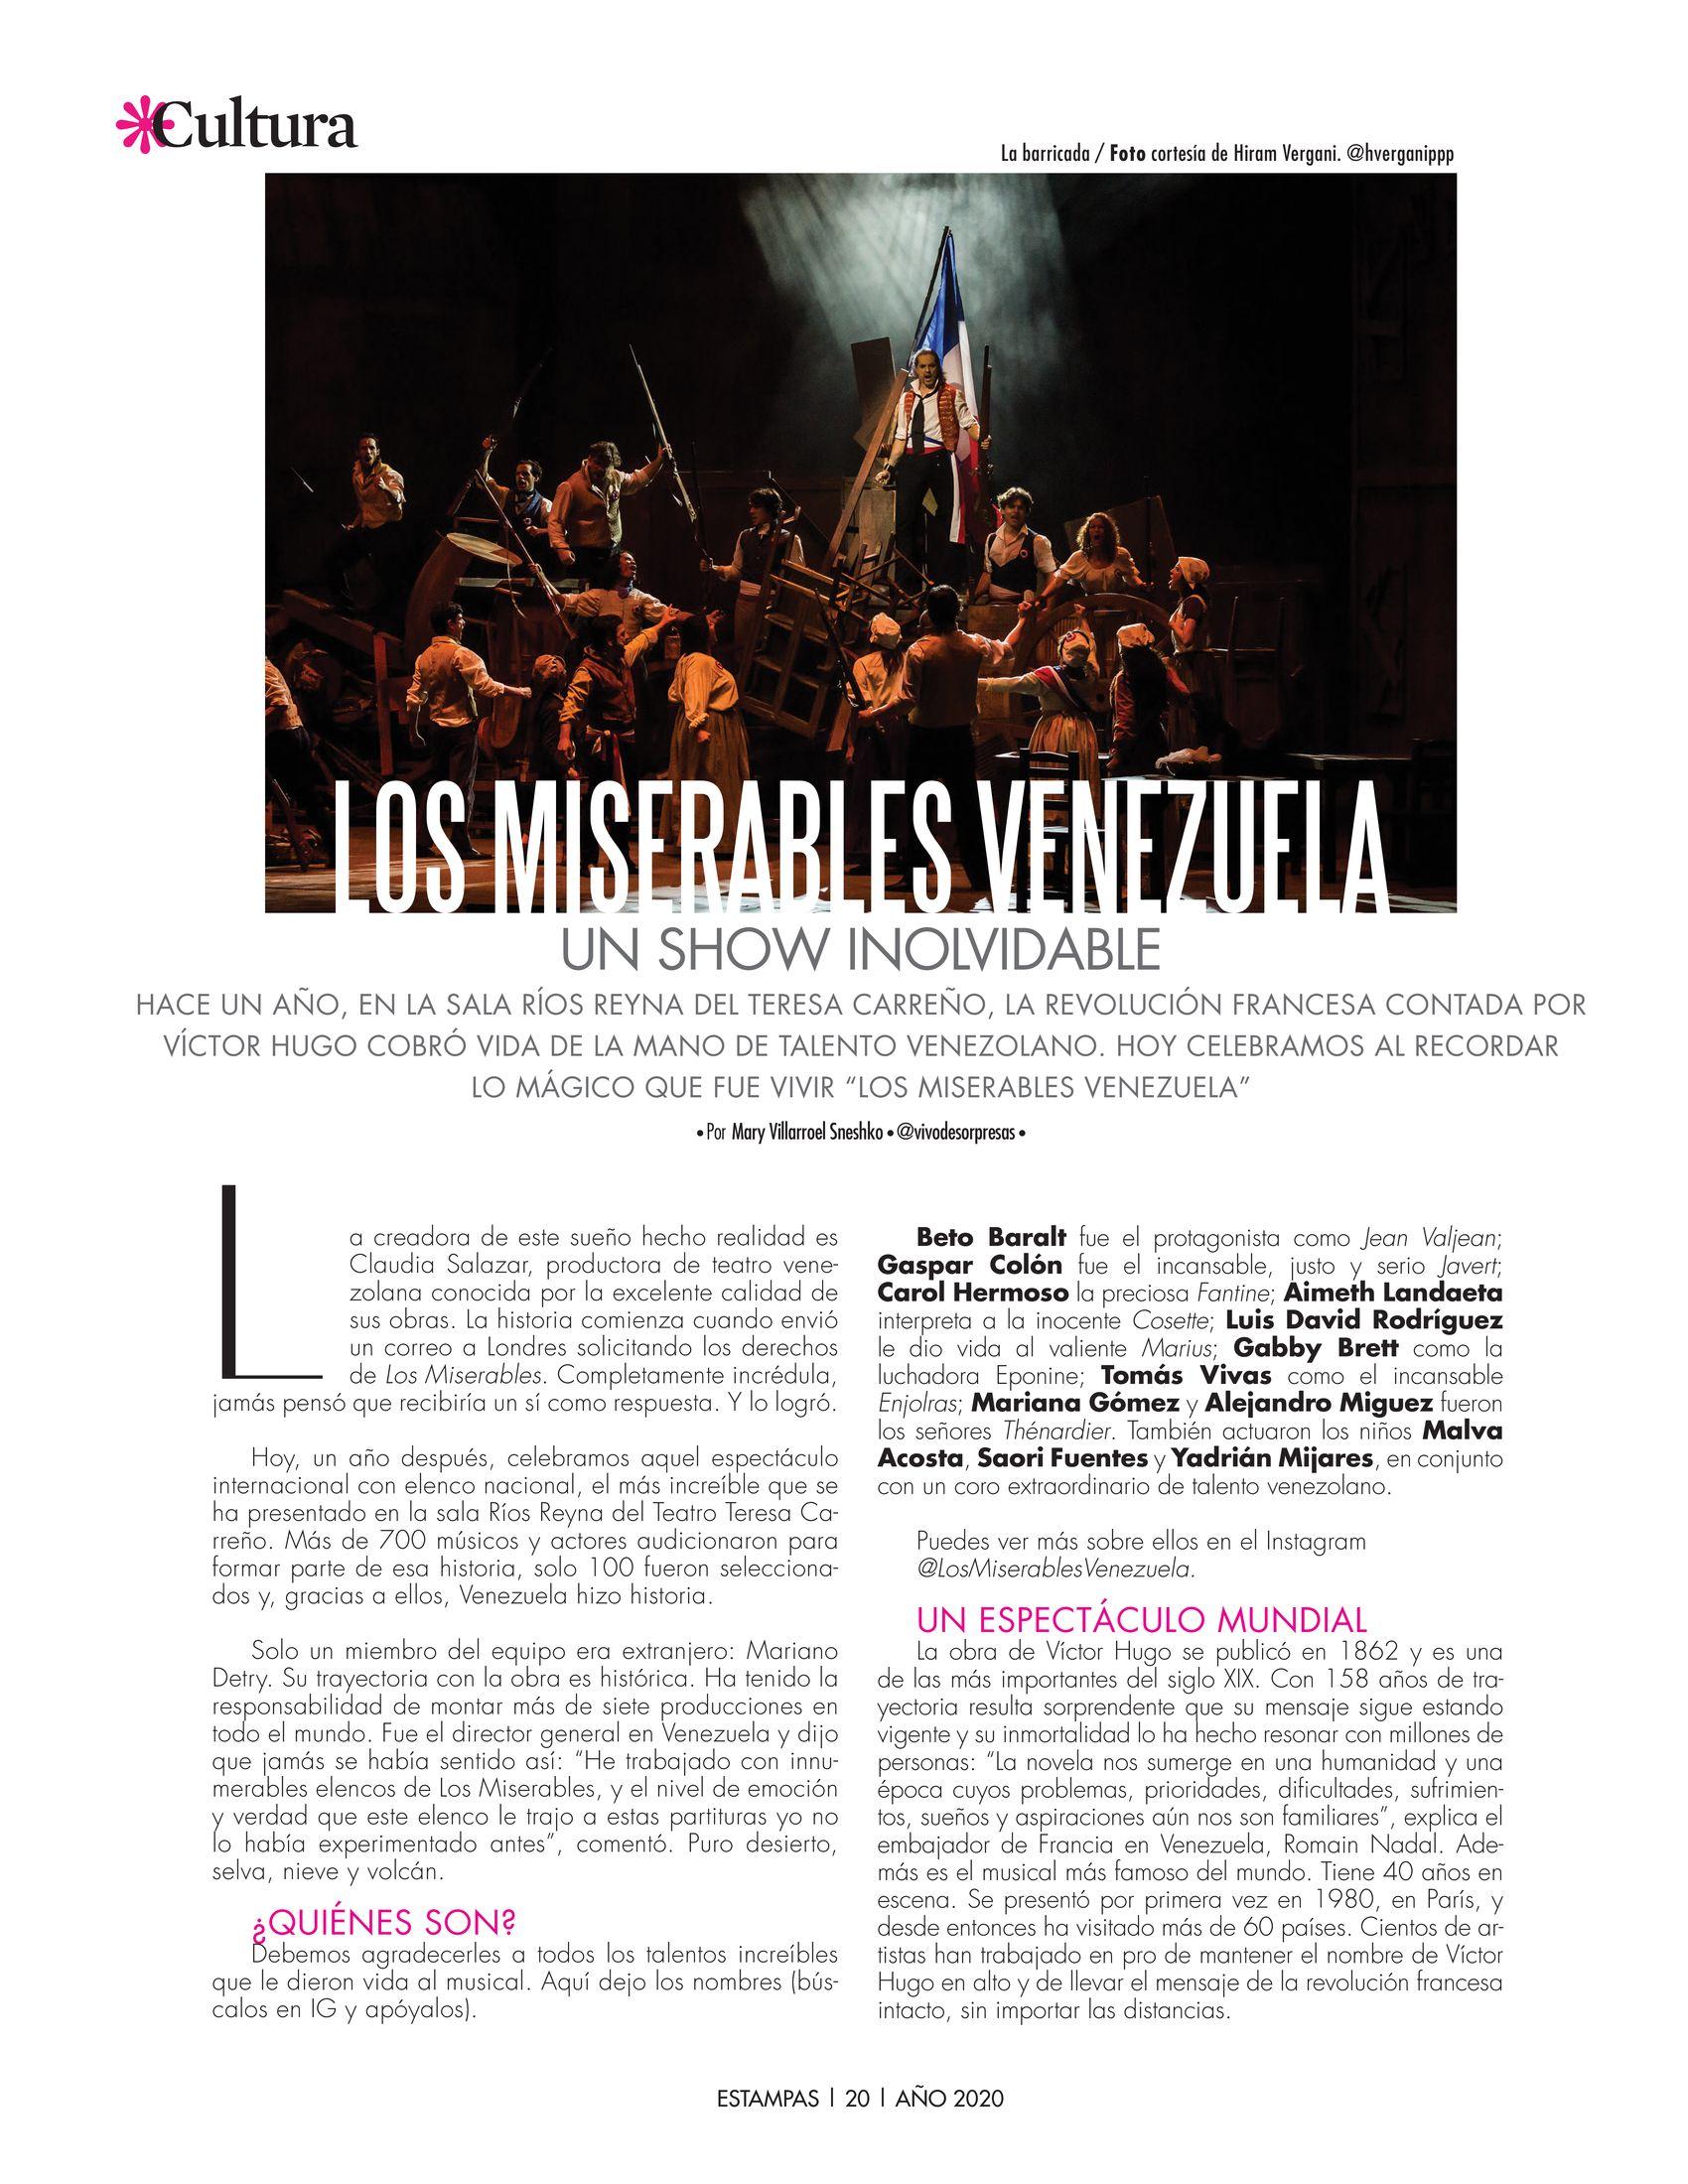 20-REV Cultura: Mary Villarroel Sneshko -  Los Miserables Venezuela un show inolvidable